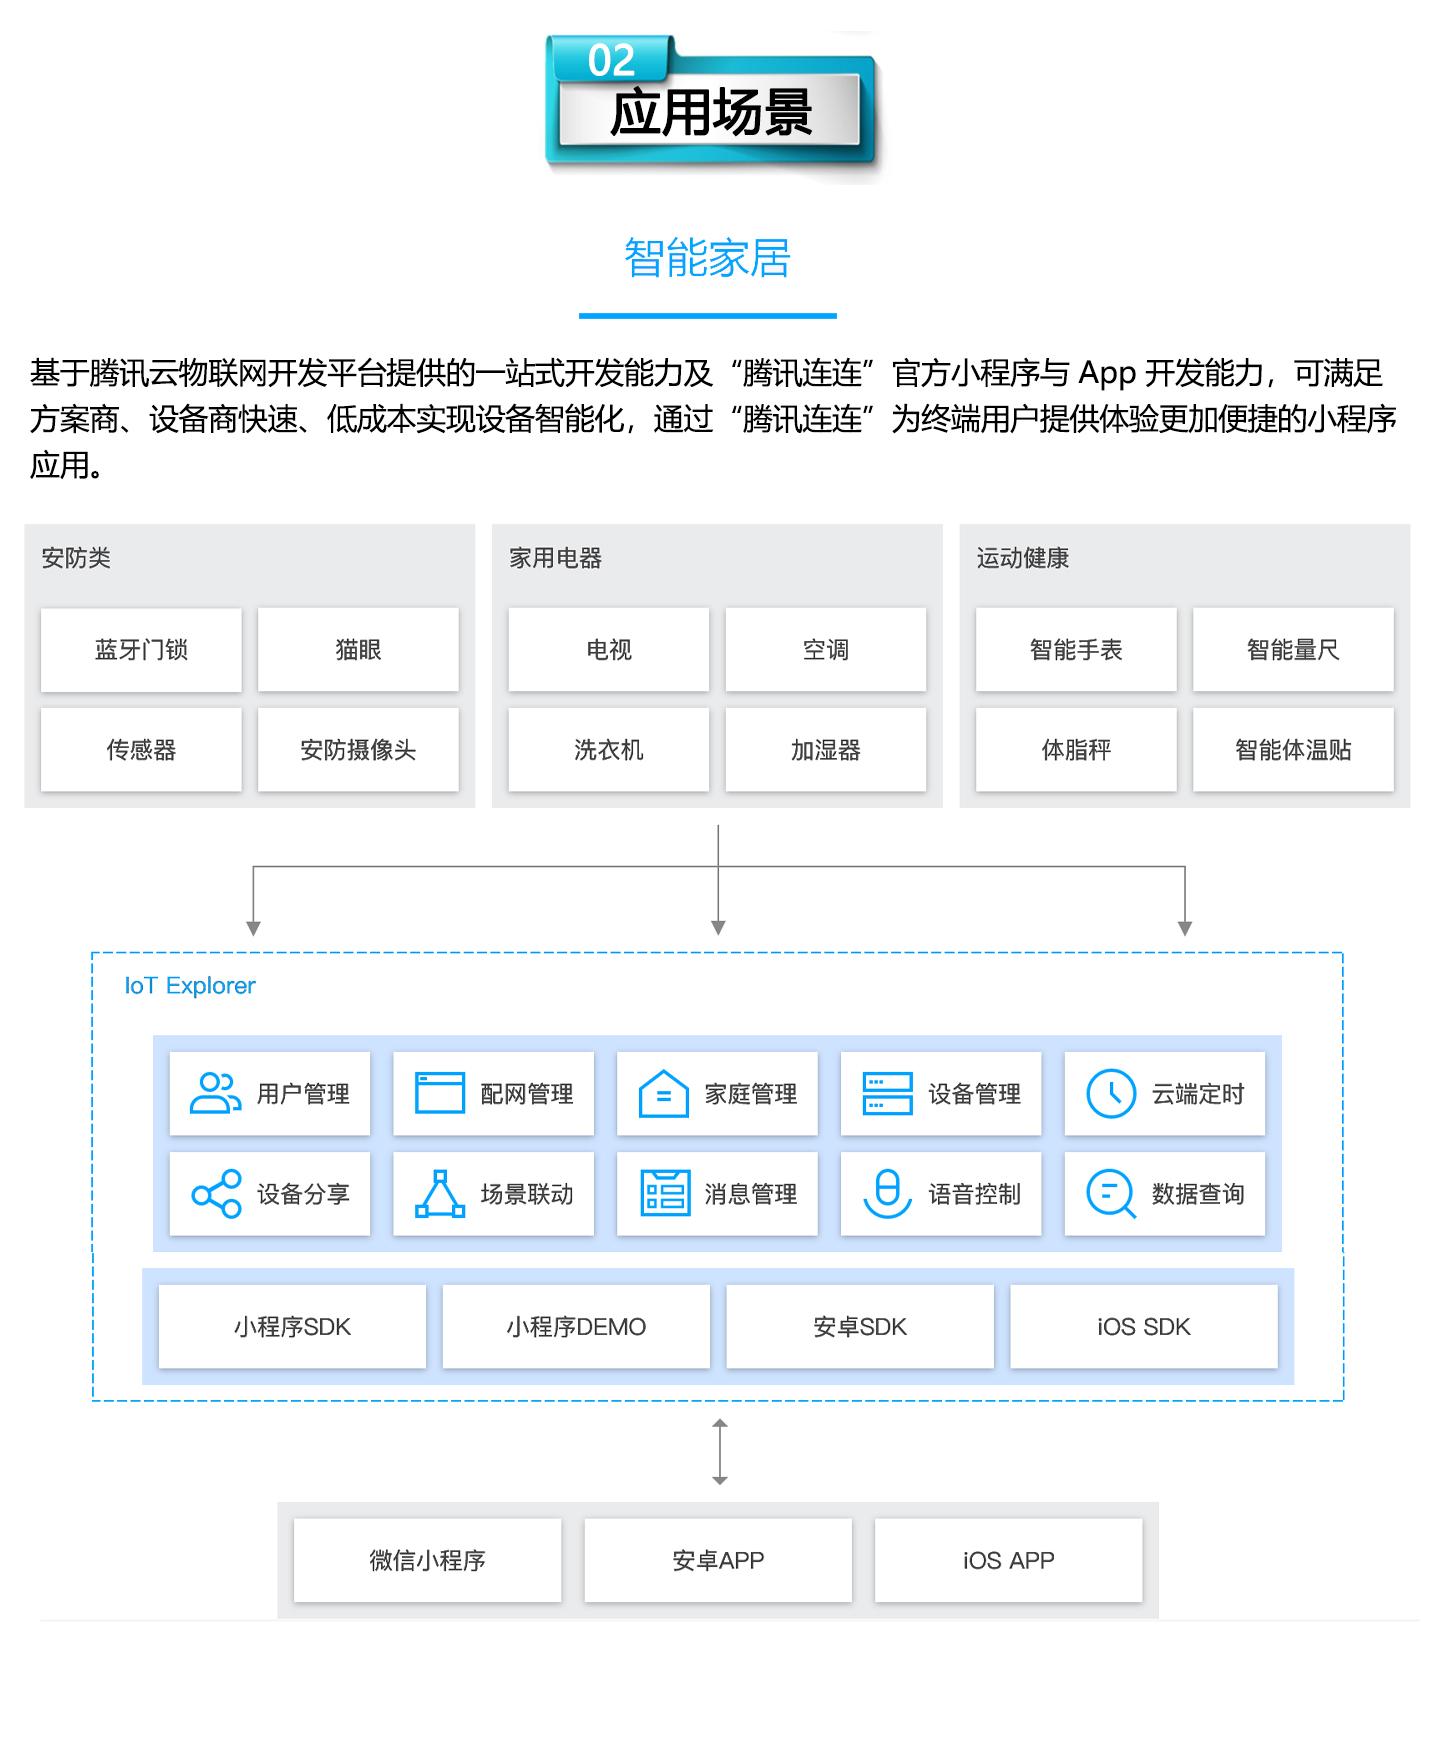 物联网开发平台-IoT-Explorer-1440_03.jpg